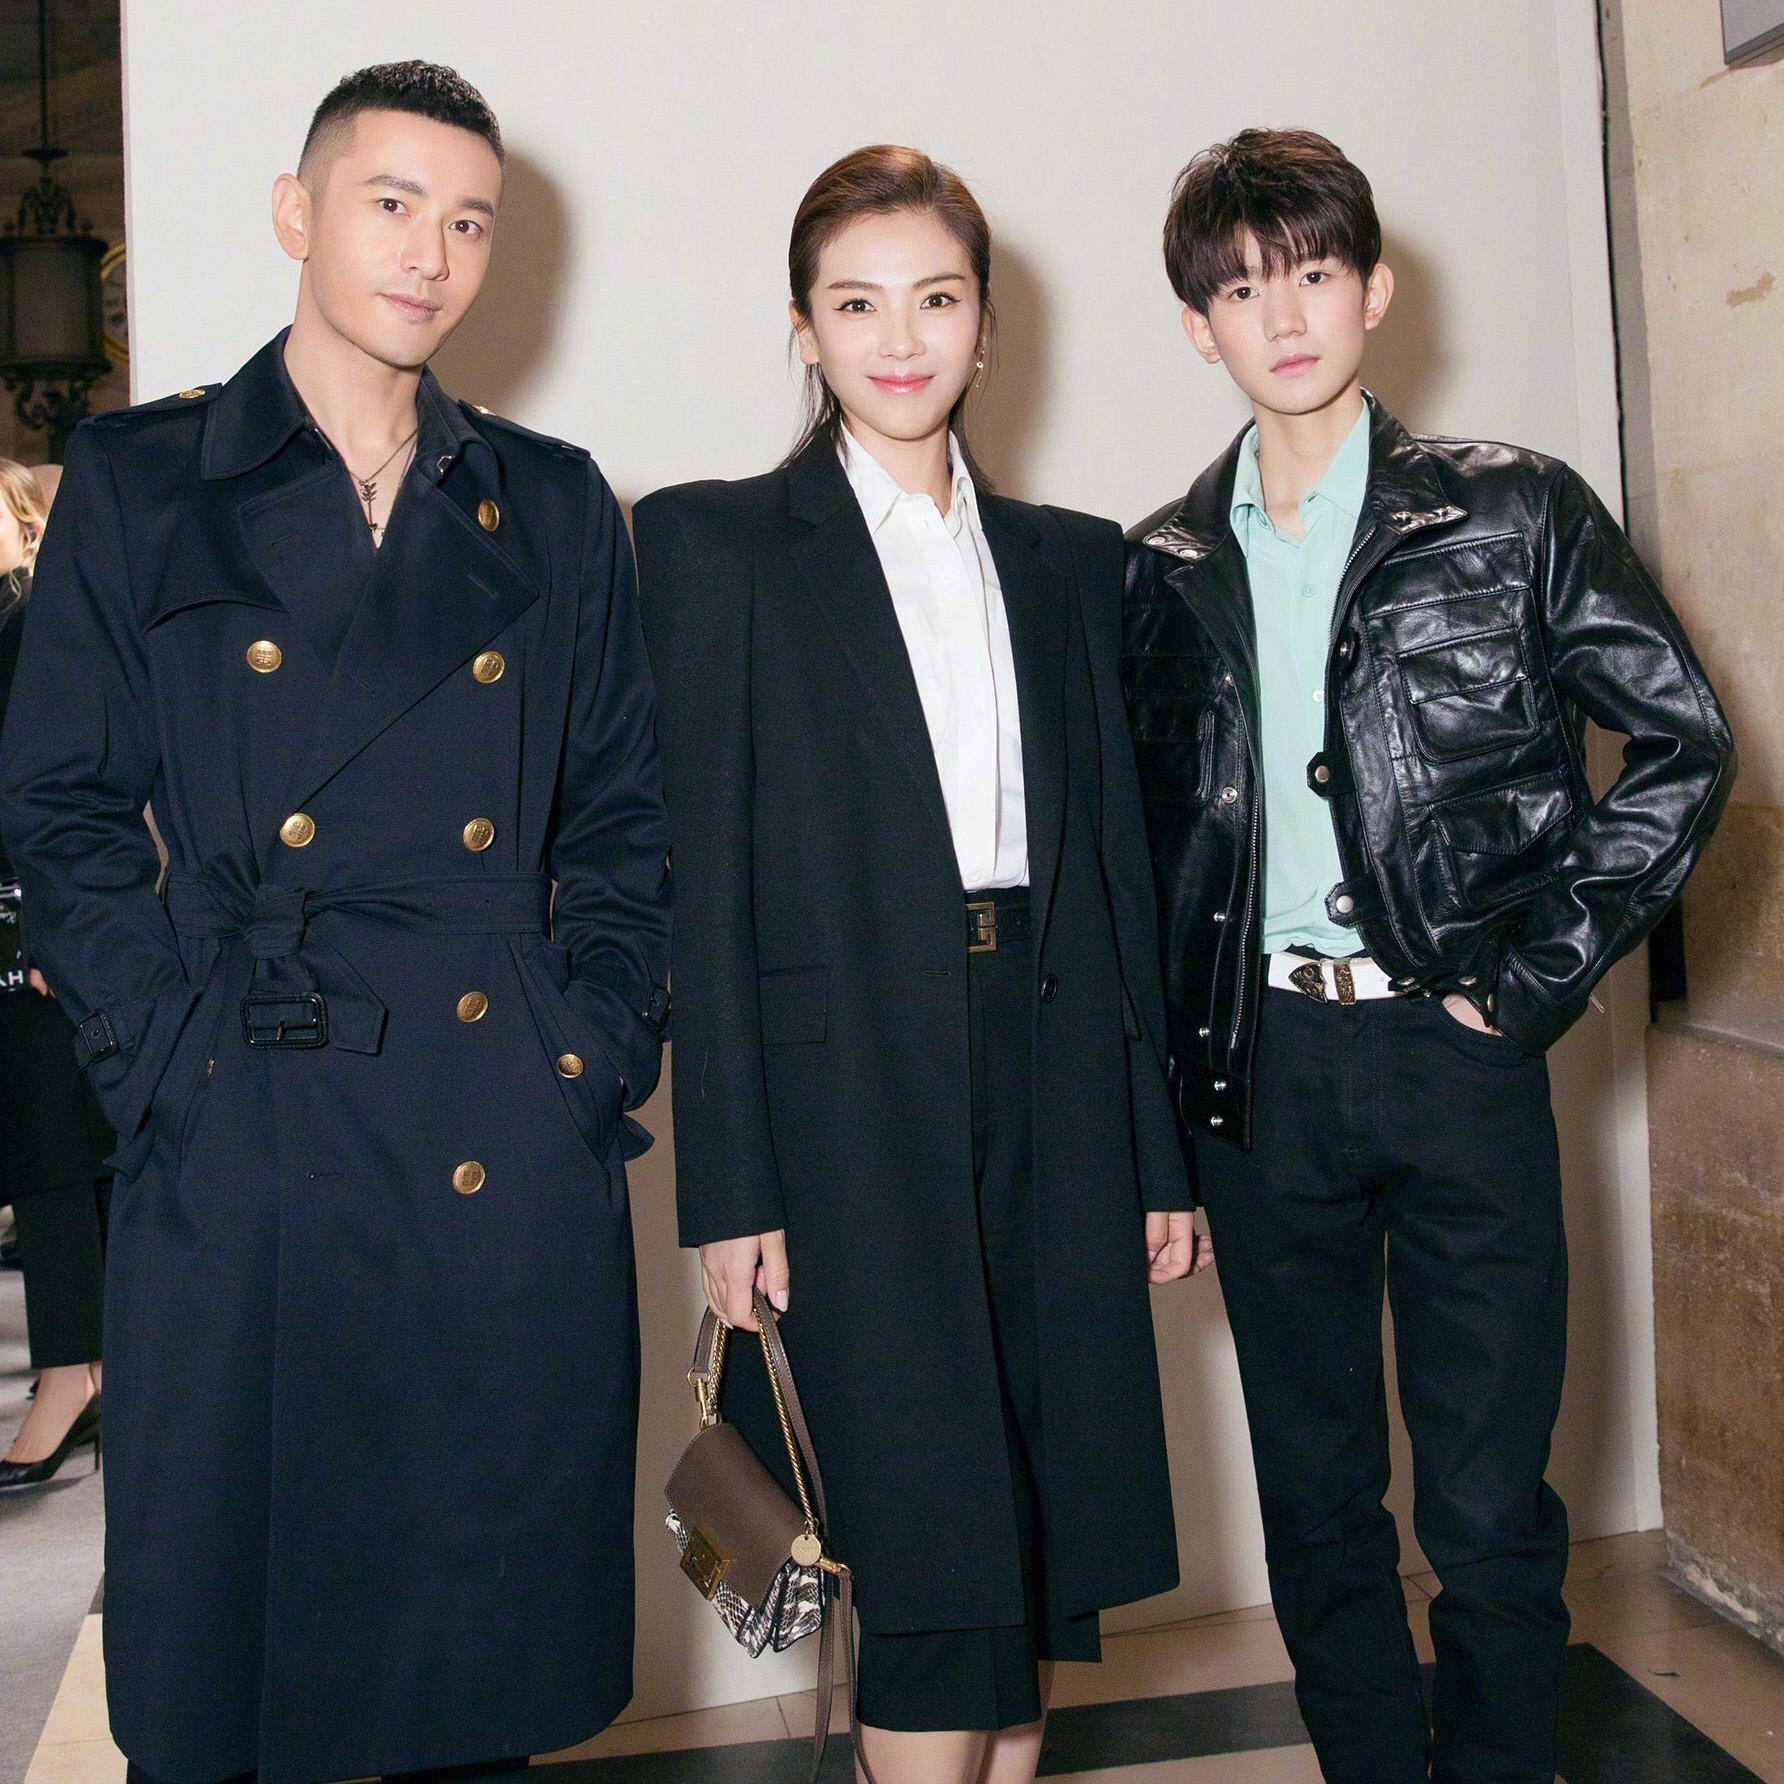 刘涛、黄晓明、王源靠这接头暗号在Givenchy秀场相遇了!